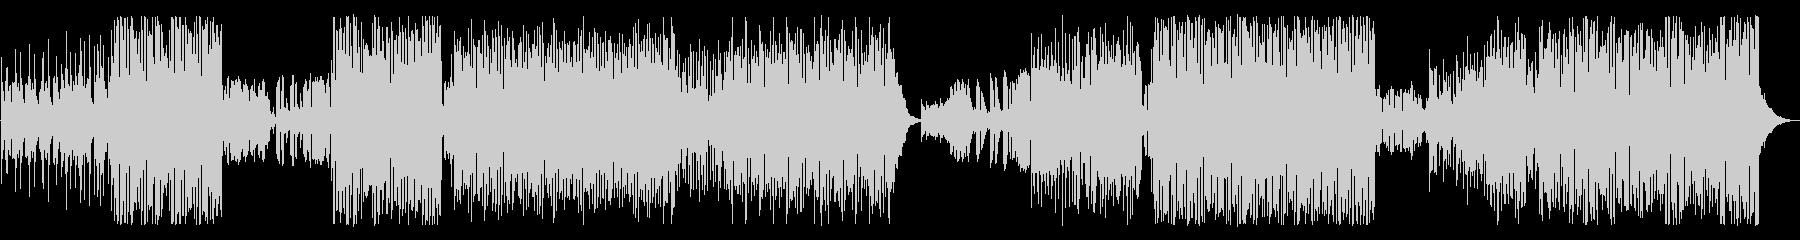 トロピカルハウスをイメージしたEDMの未再生の波形